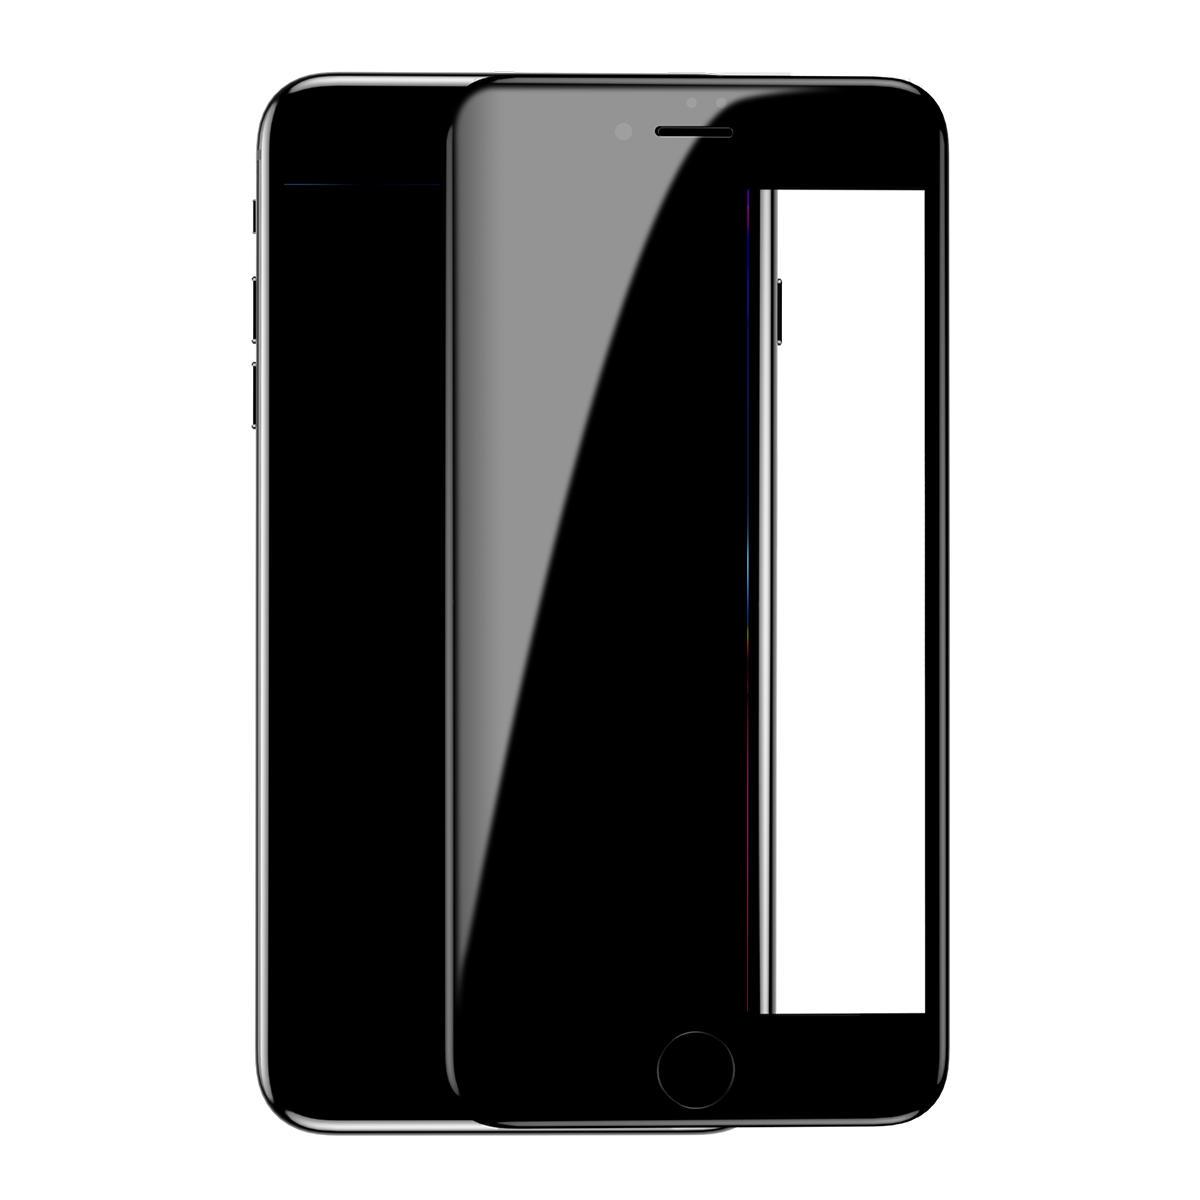 Baseus Vrai protecteur d'écran de verre trempé anti-déflagrant de bord incurvé par 7D vrai pour iPhone 7 Plus/8 Plus